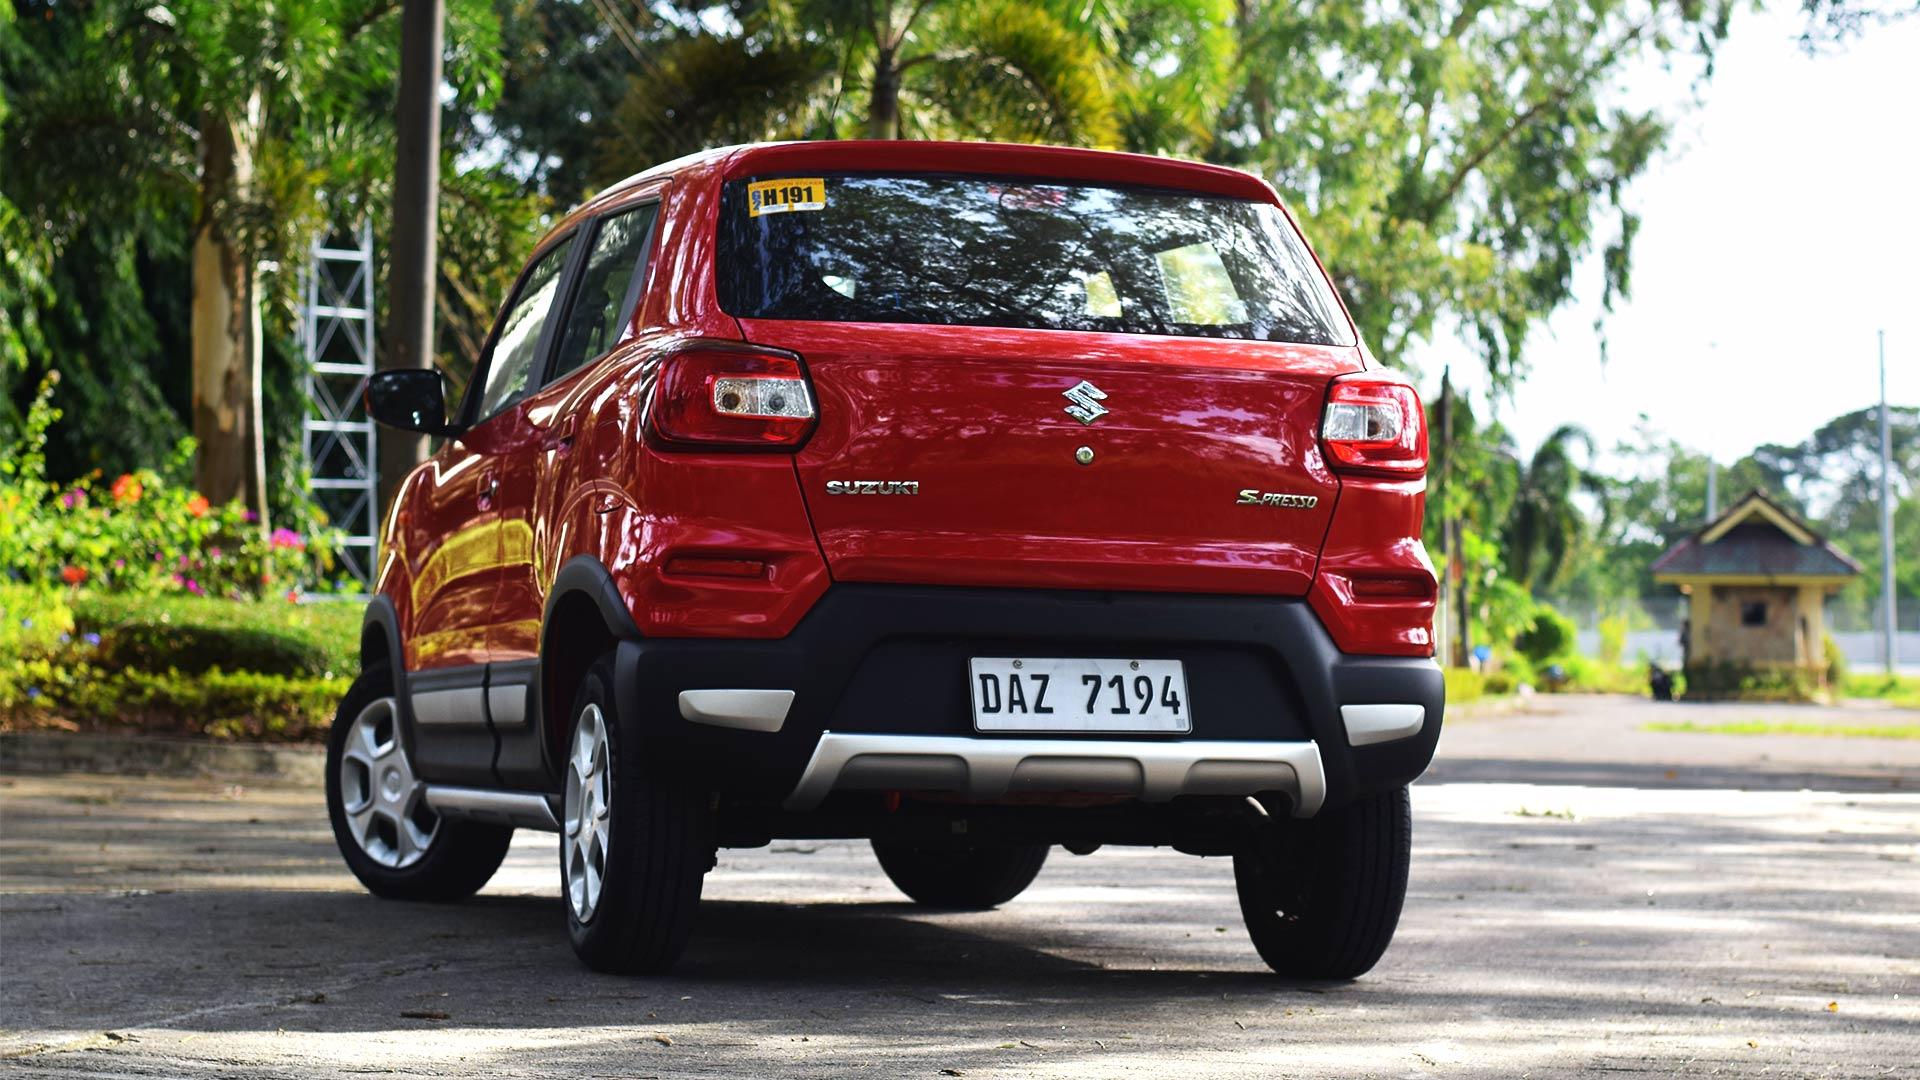 The Suzuki S-Presso angled rear view